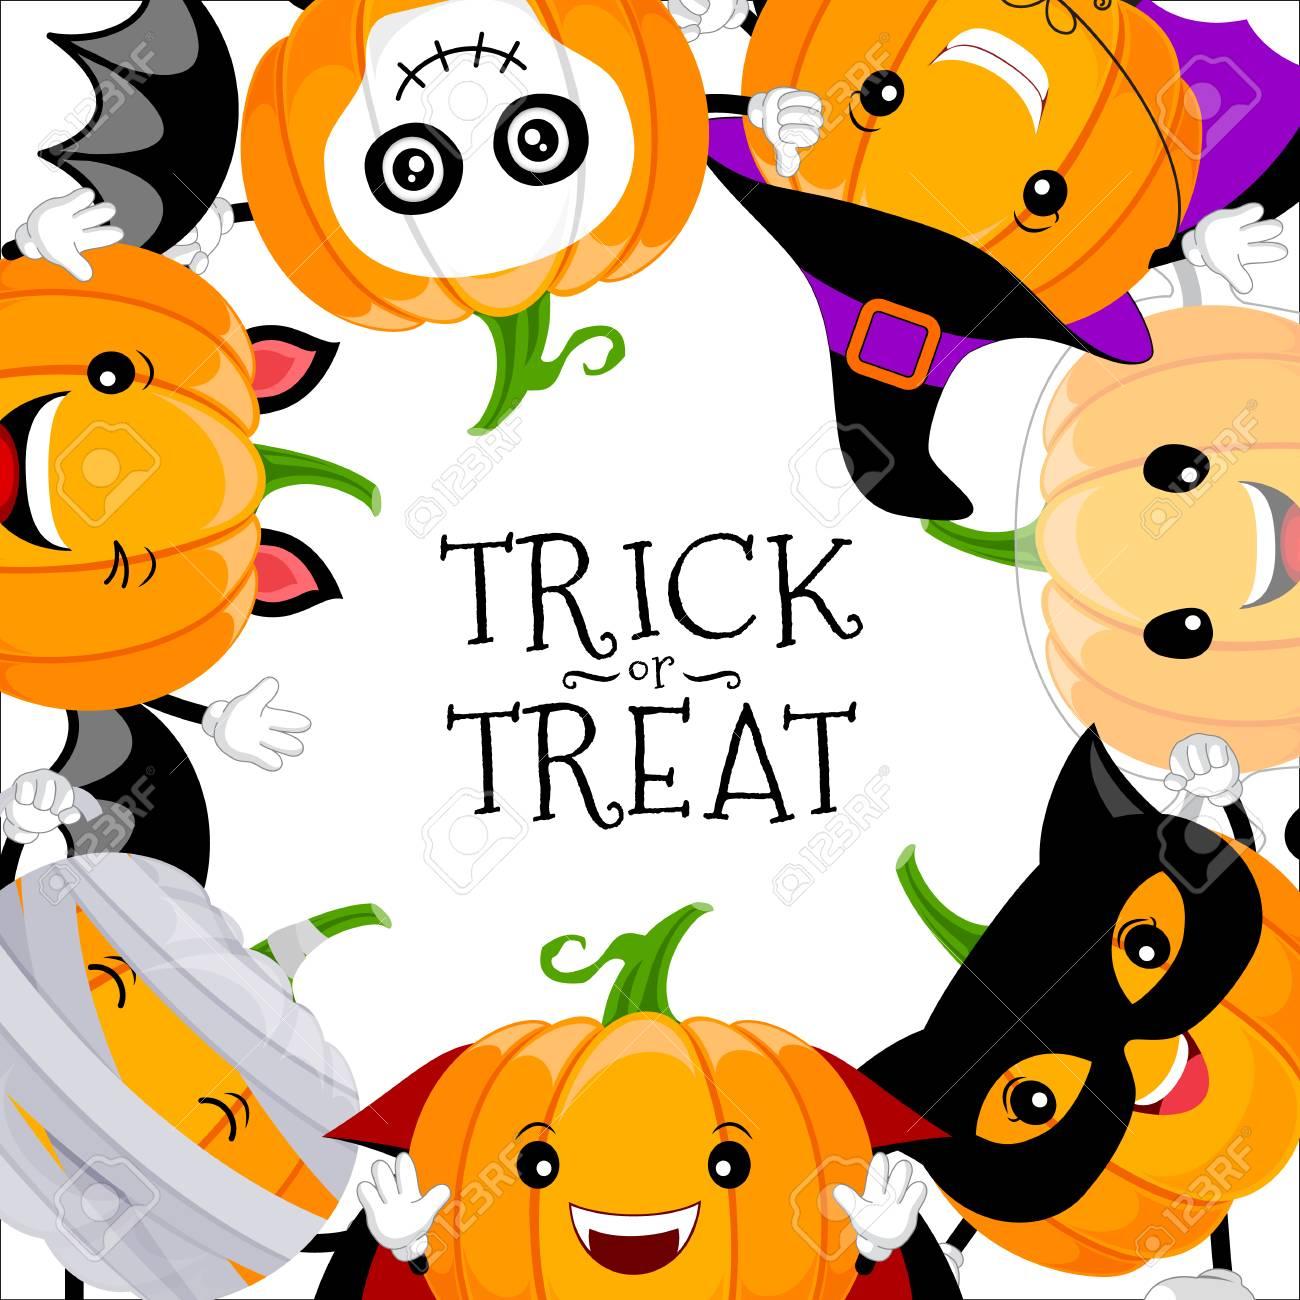 Ensemble De Conception De Personnage De Citrouille Dessin Animé Mignon Concept De Jour Halloween Heureux Avec Dracula Crâne Fantôme Chauve Souris